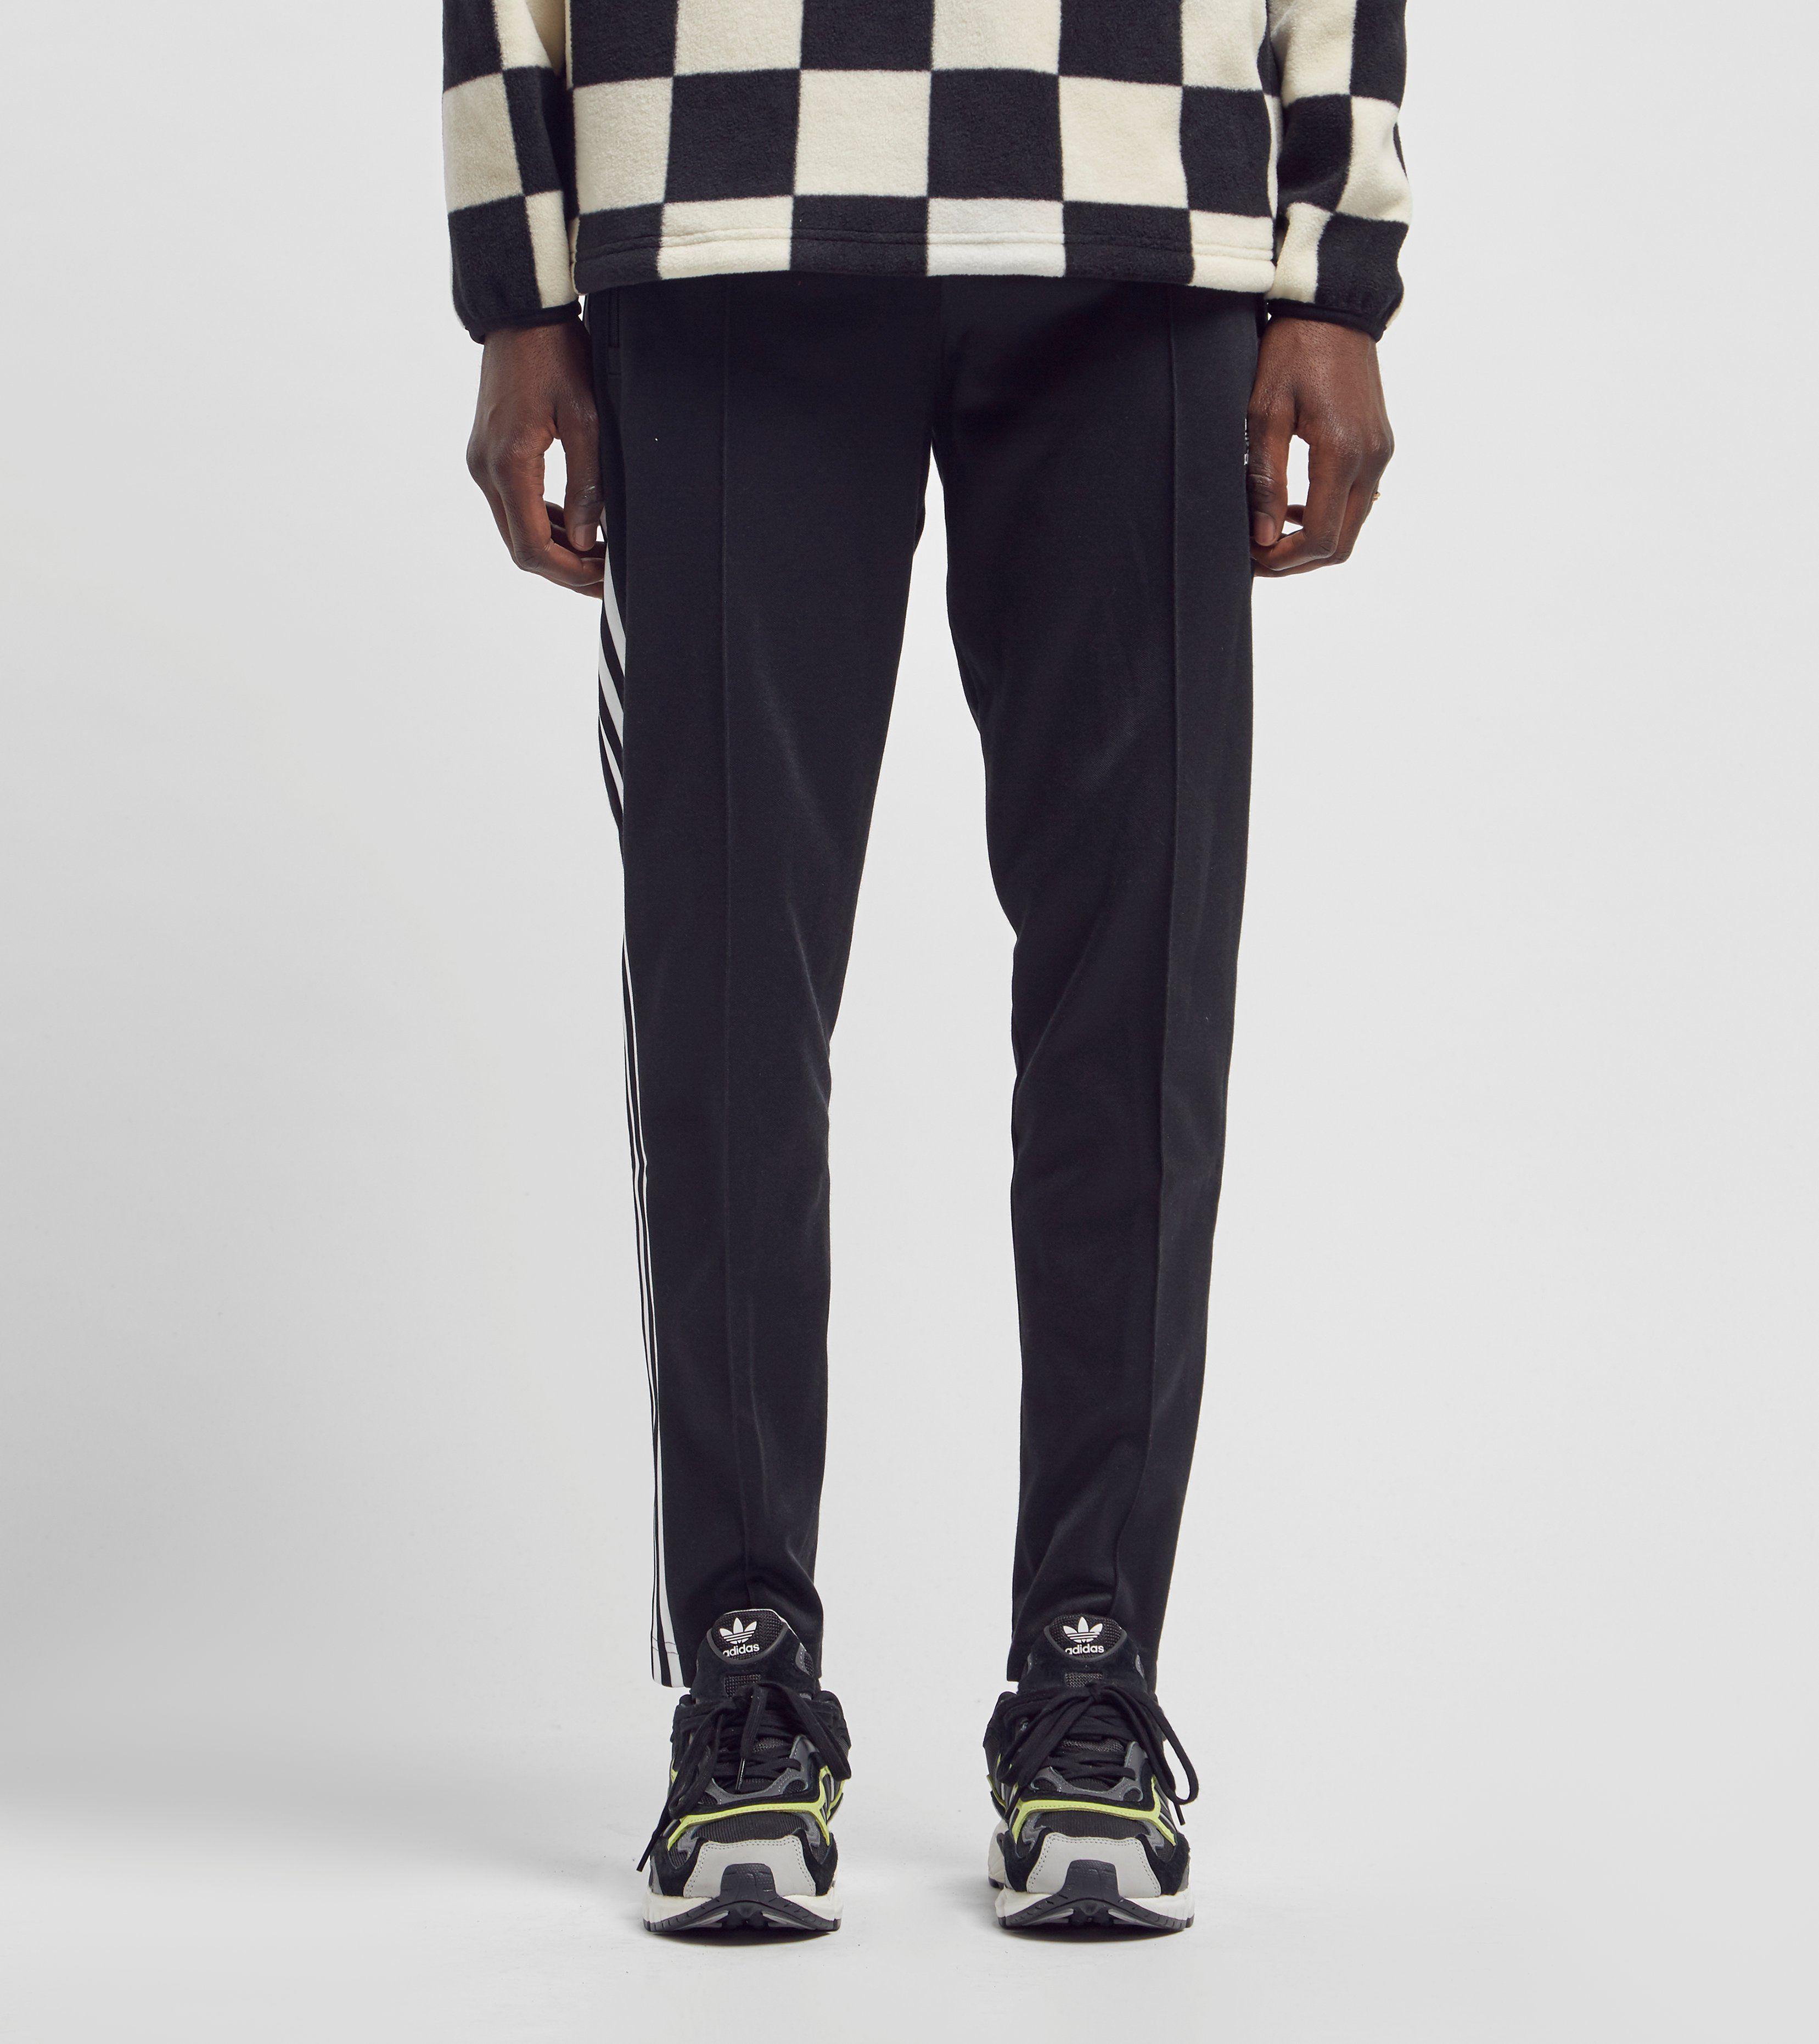 adidas Originals Beckenbauer Cuffed Track Pants ... 9bf3d357d